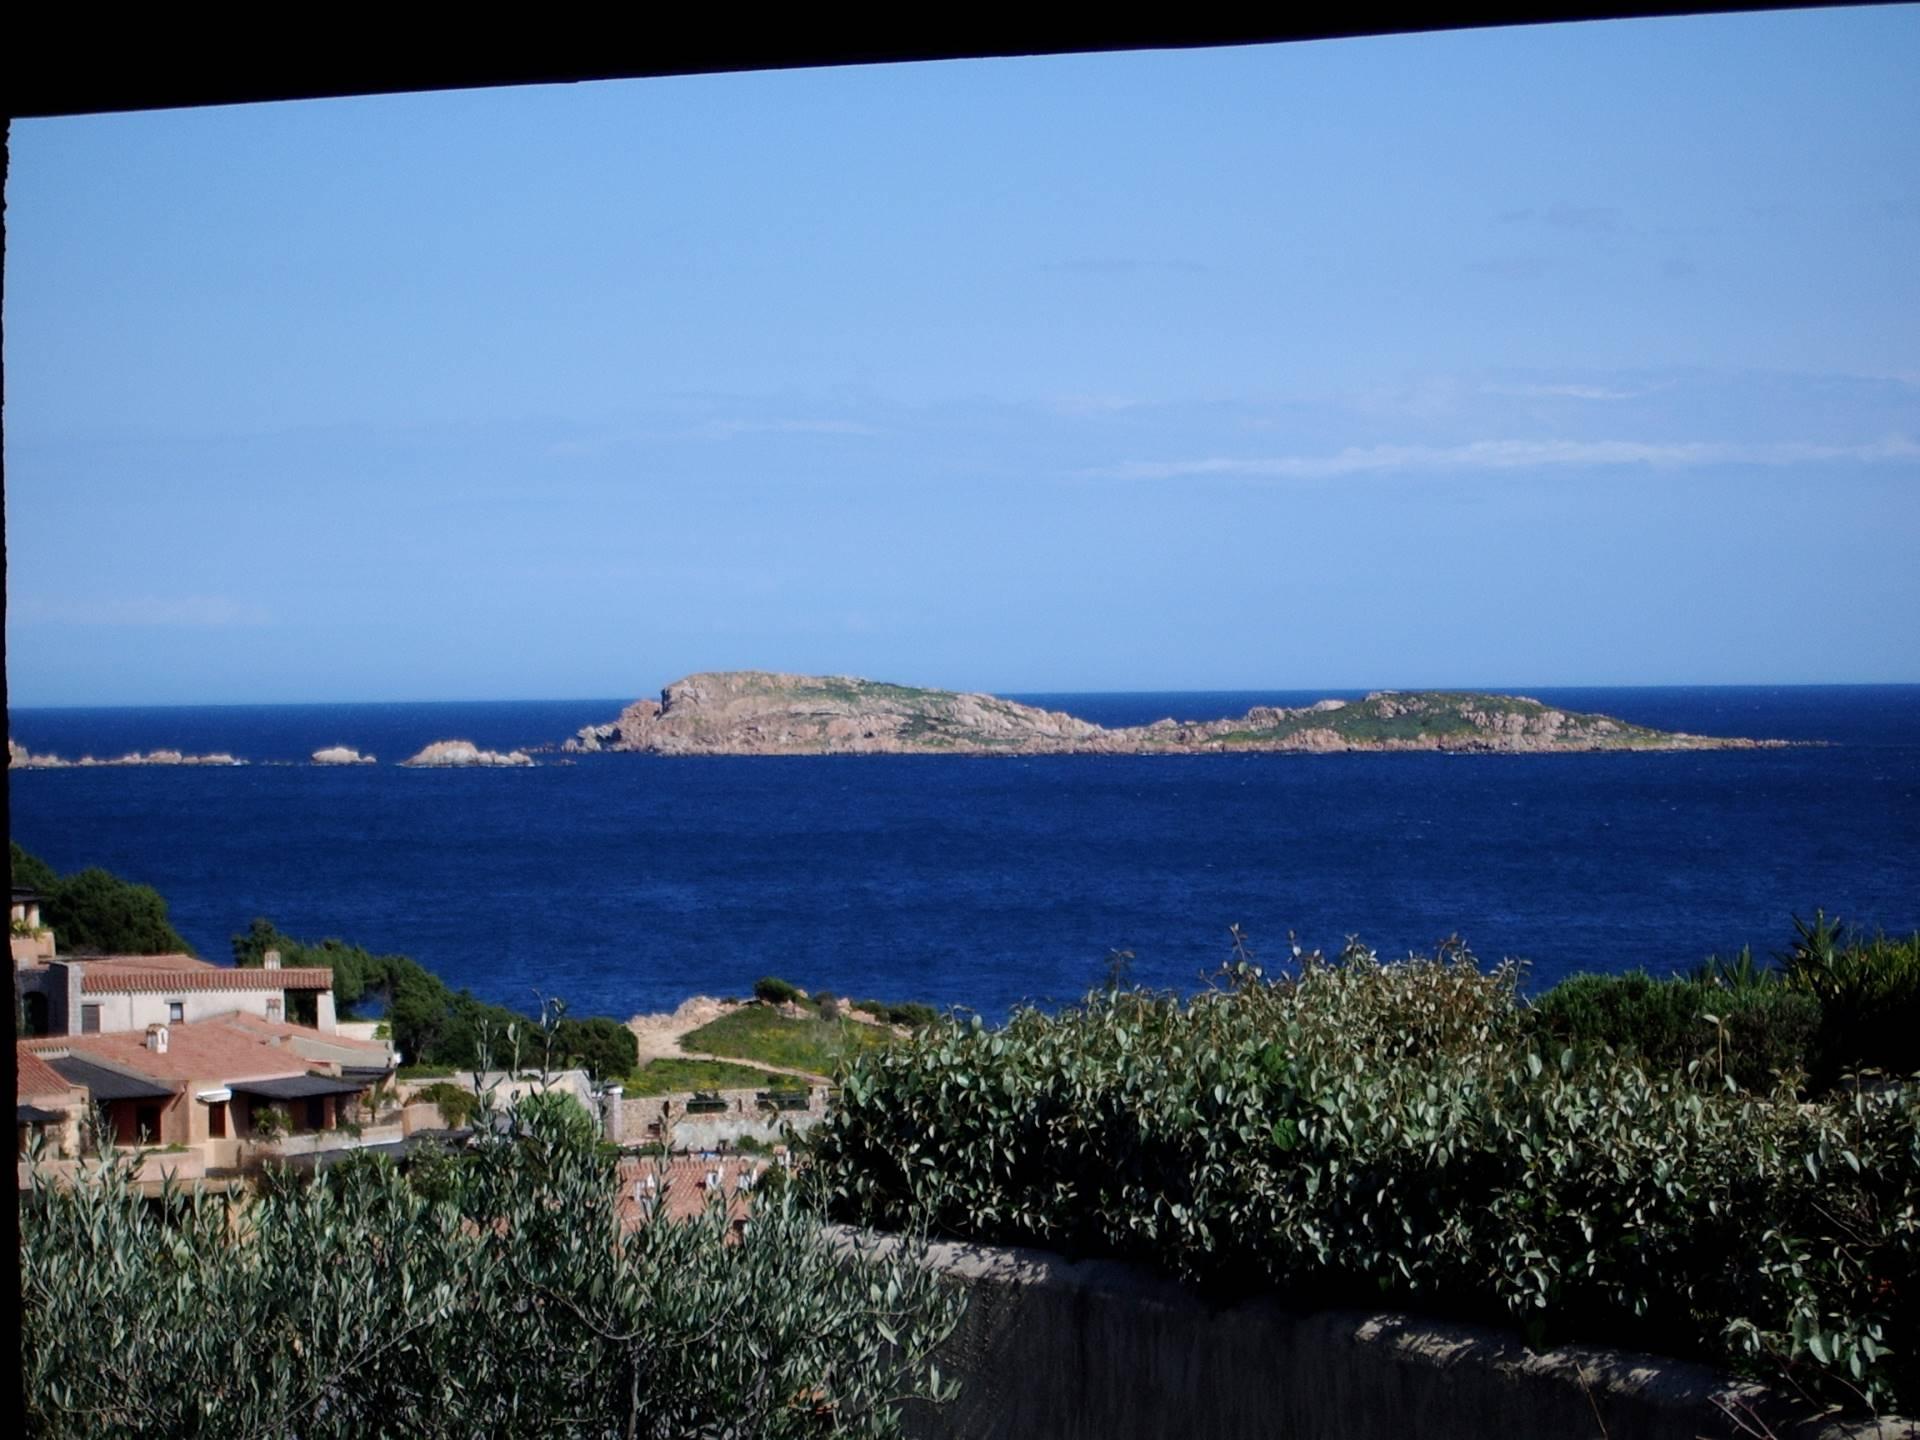 Appartamento in vendita a Arzachena - Porto Cervo, 3 locali, zona Località: PortoCervo, prezzo € 600.000 | PortaleAgenzieImmobiliari.it